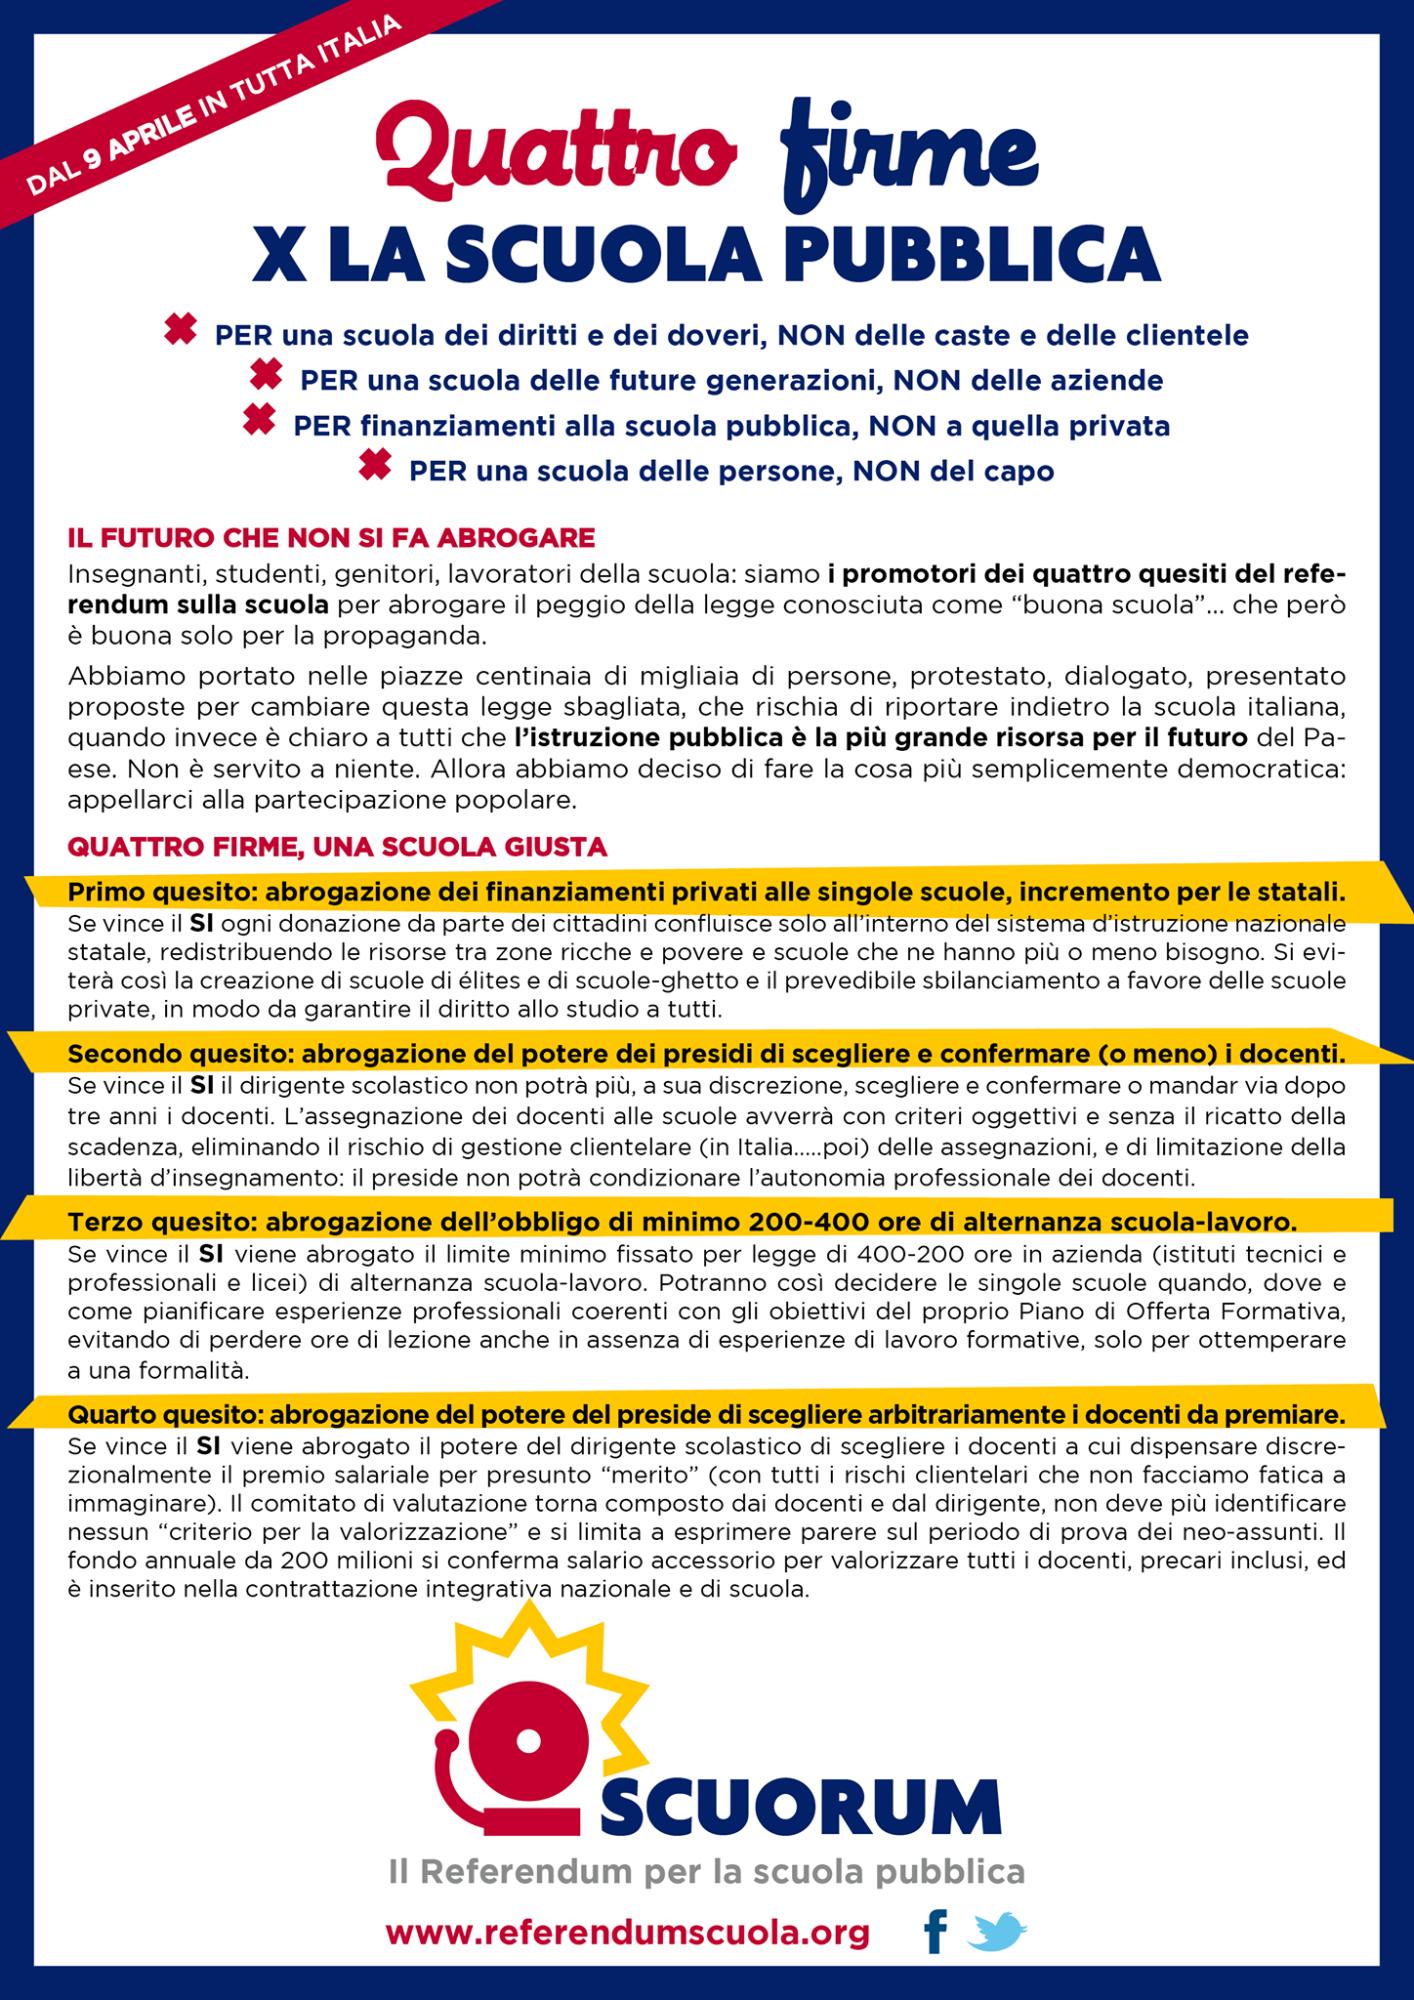 Locandina_Scuorum referendum